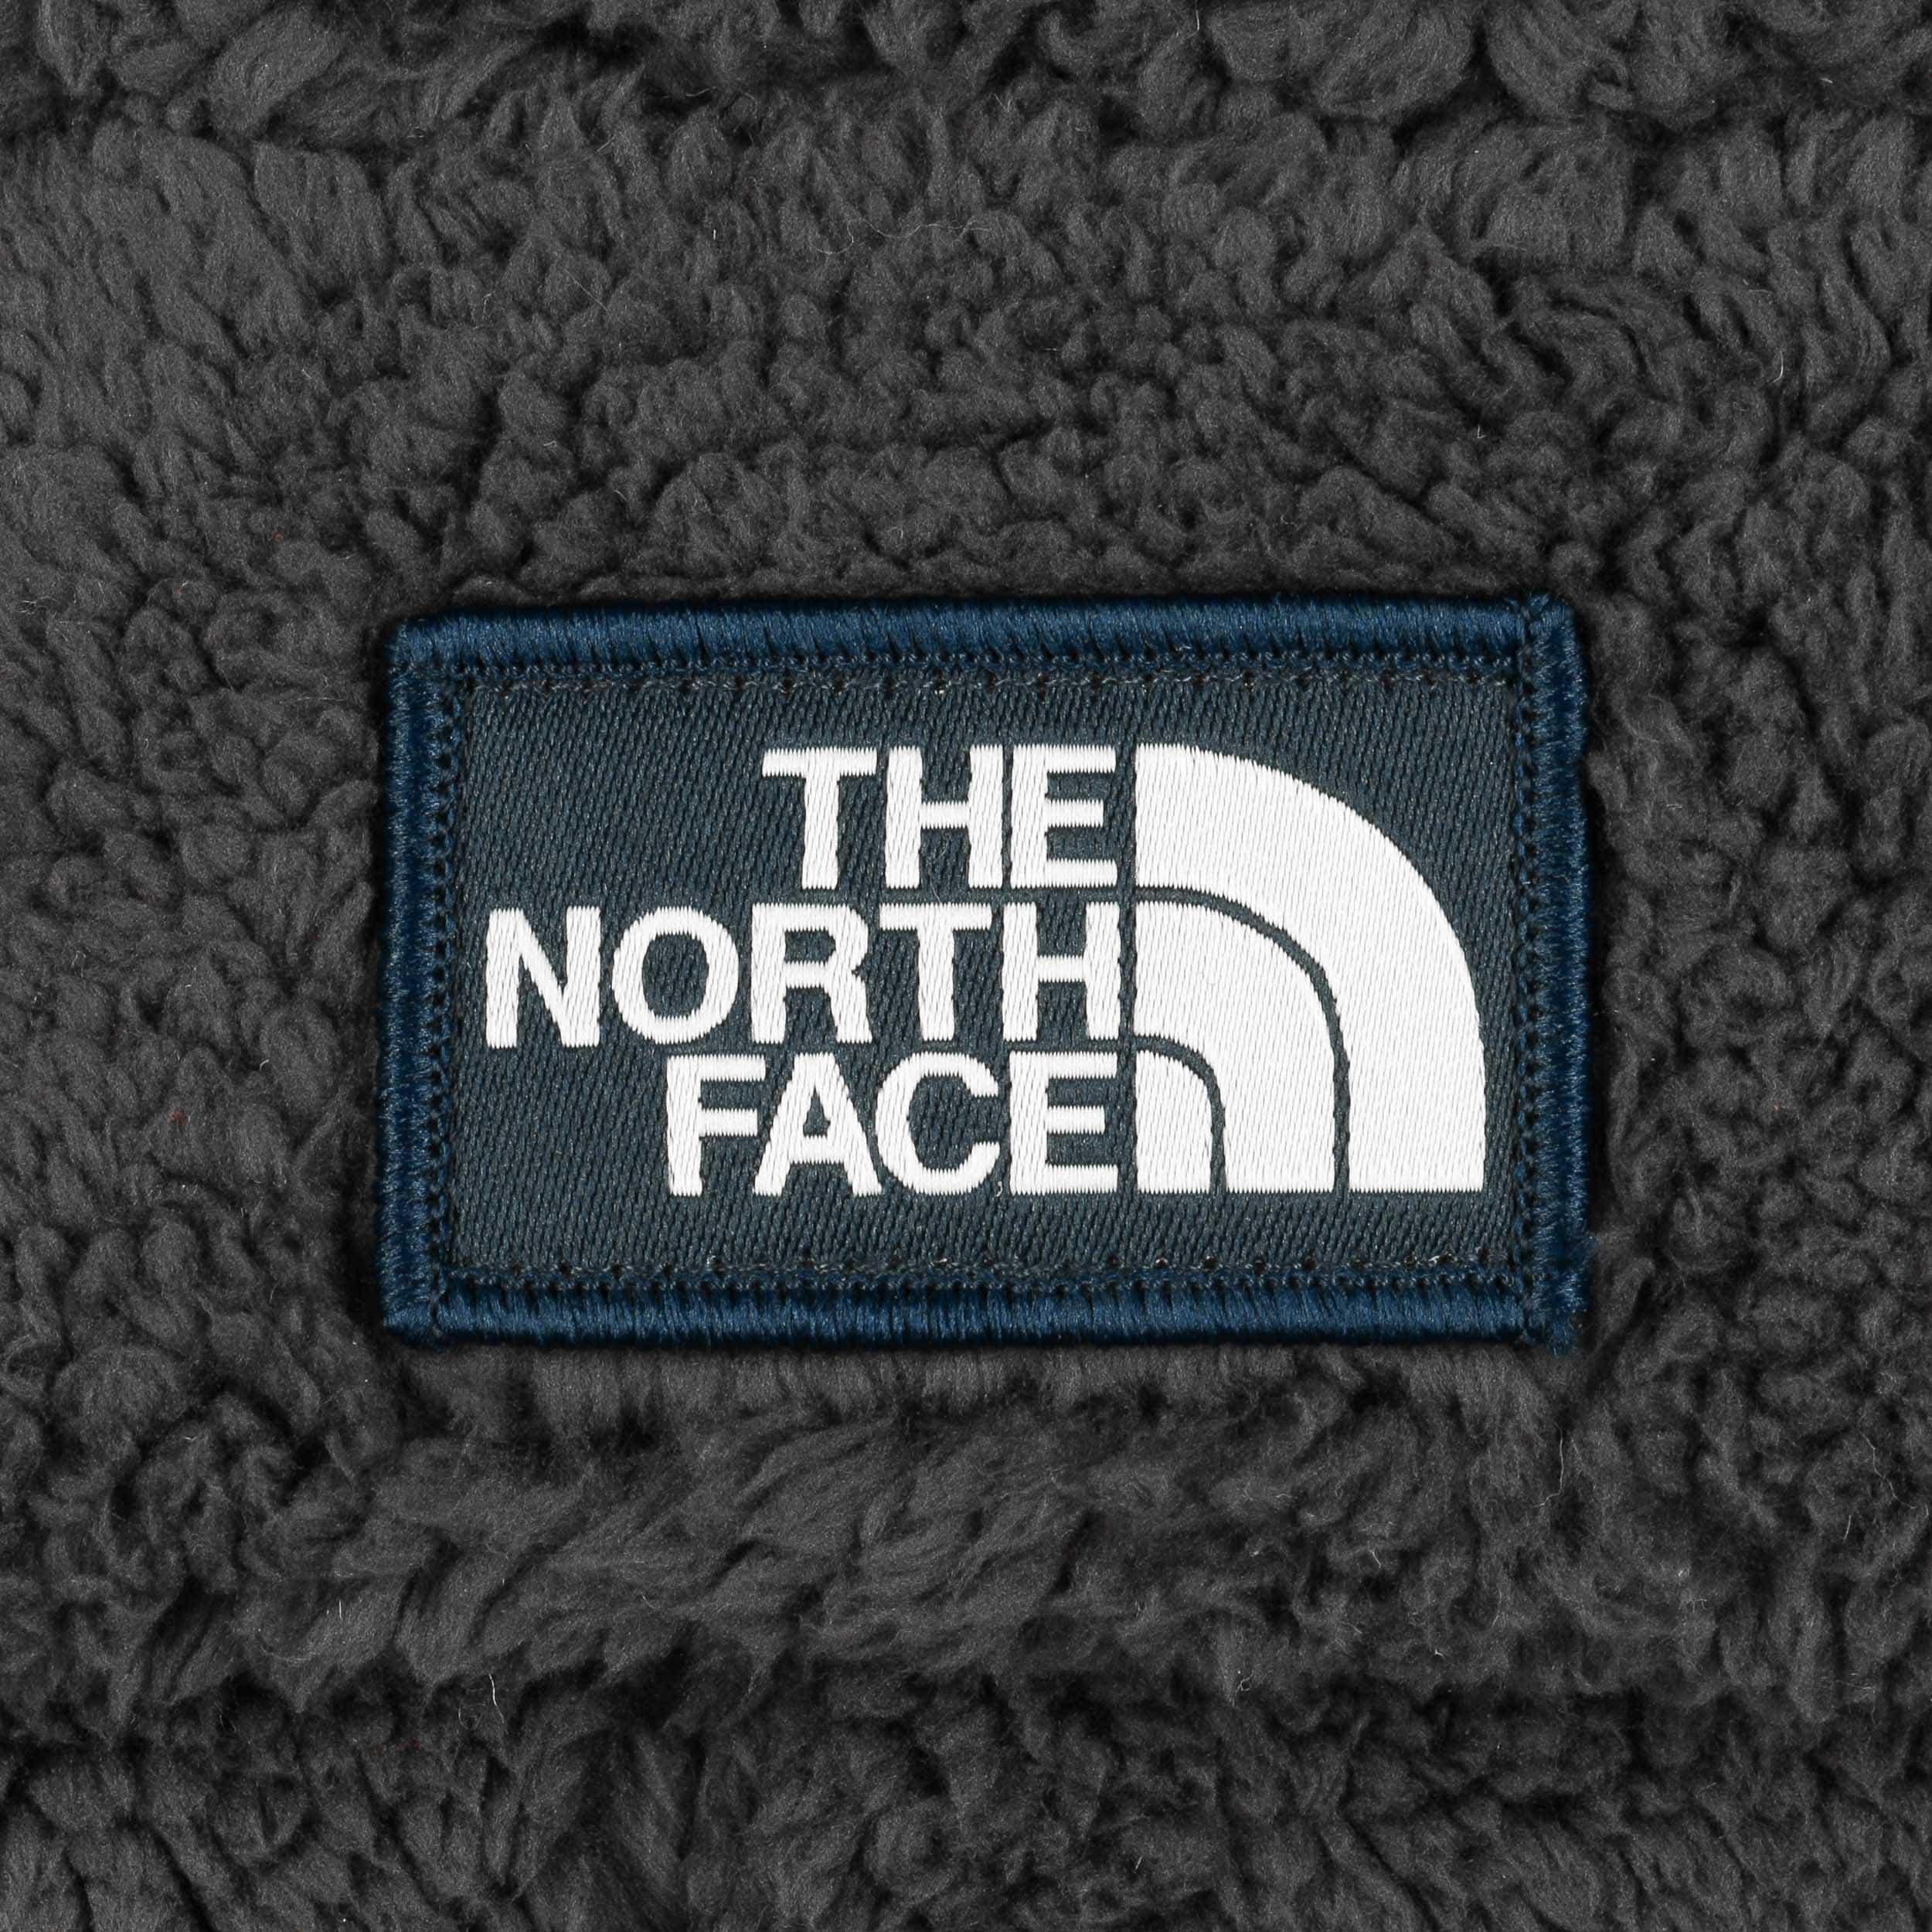 ... Bonnet en Polaire Campshire by The North Face - noir 3 ... 0820d8334e1c